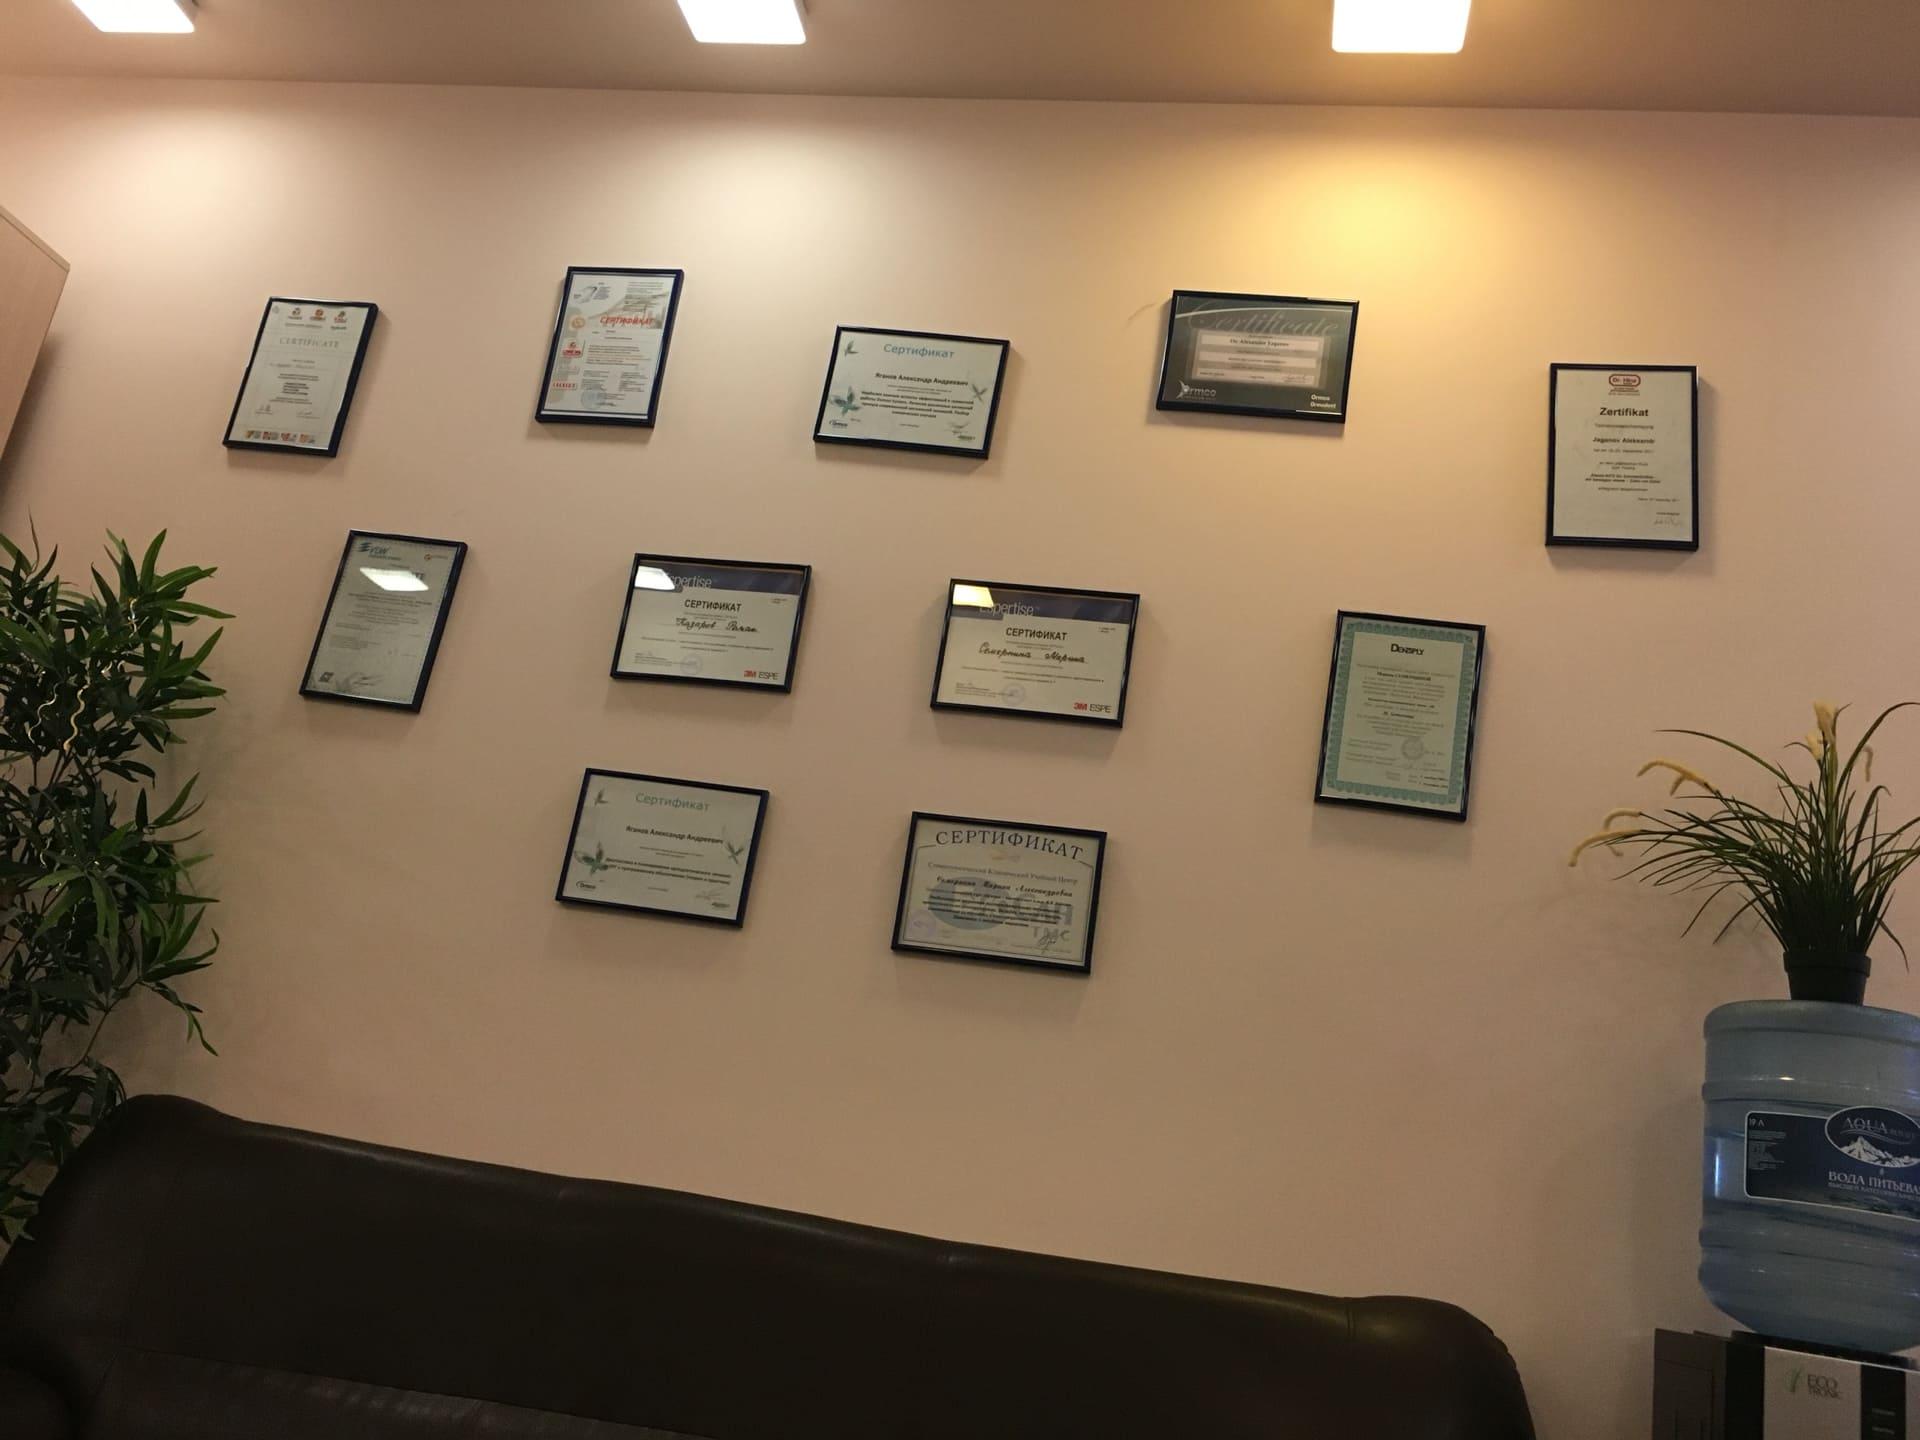 Международный центр скорой медицинской помощи (МЦСМП)